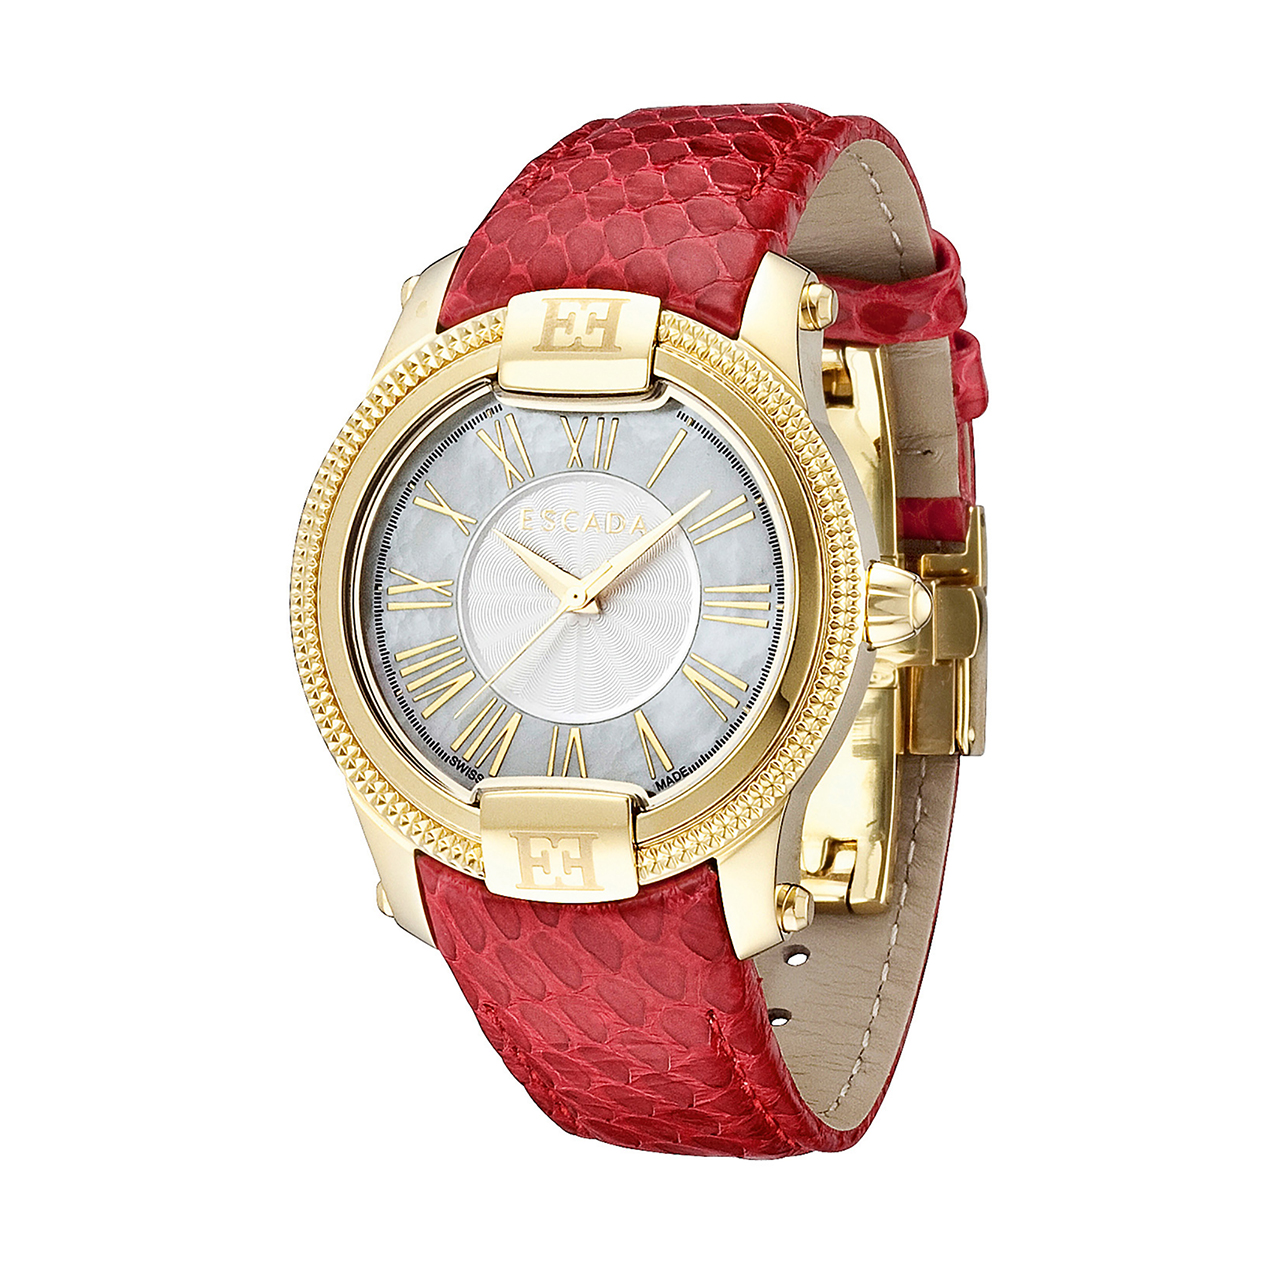 ساعت مچی عقربه ای زنانه اسکادا مدل EW3330042 36